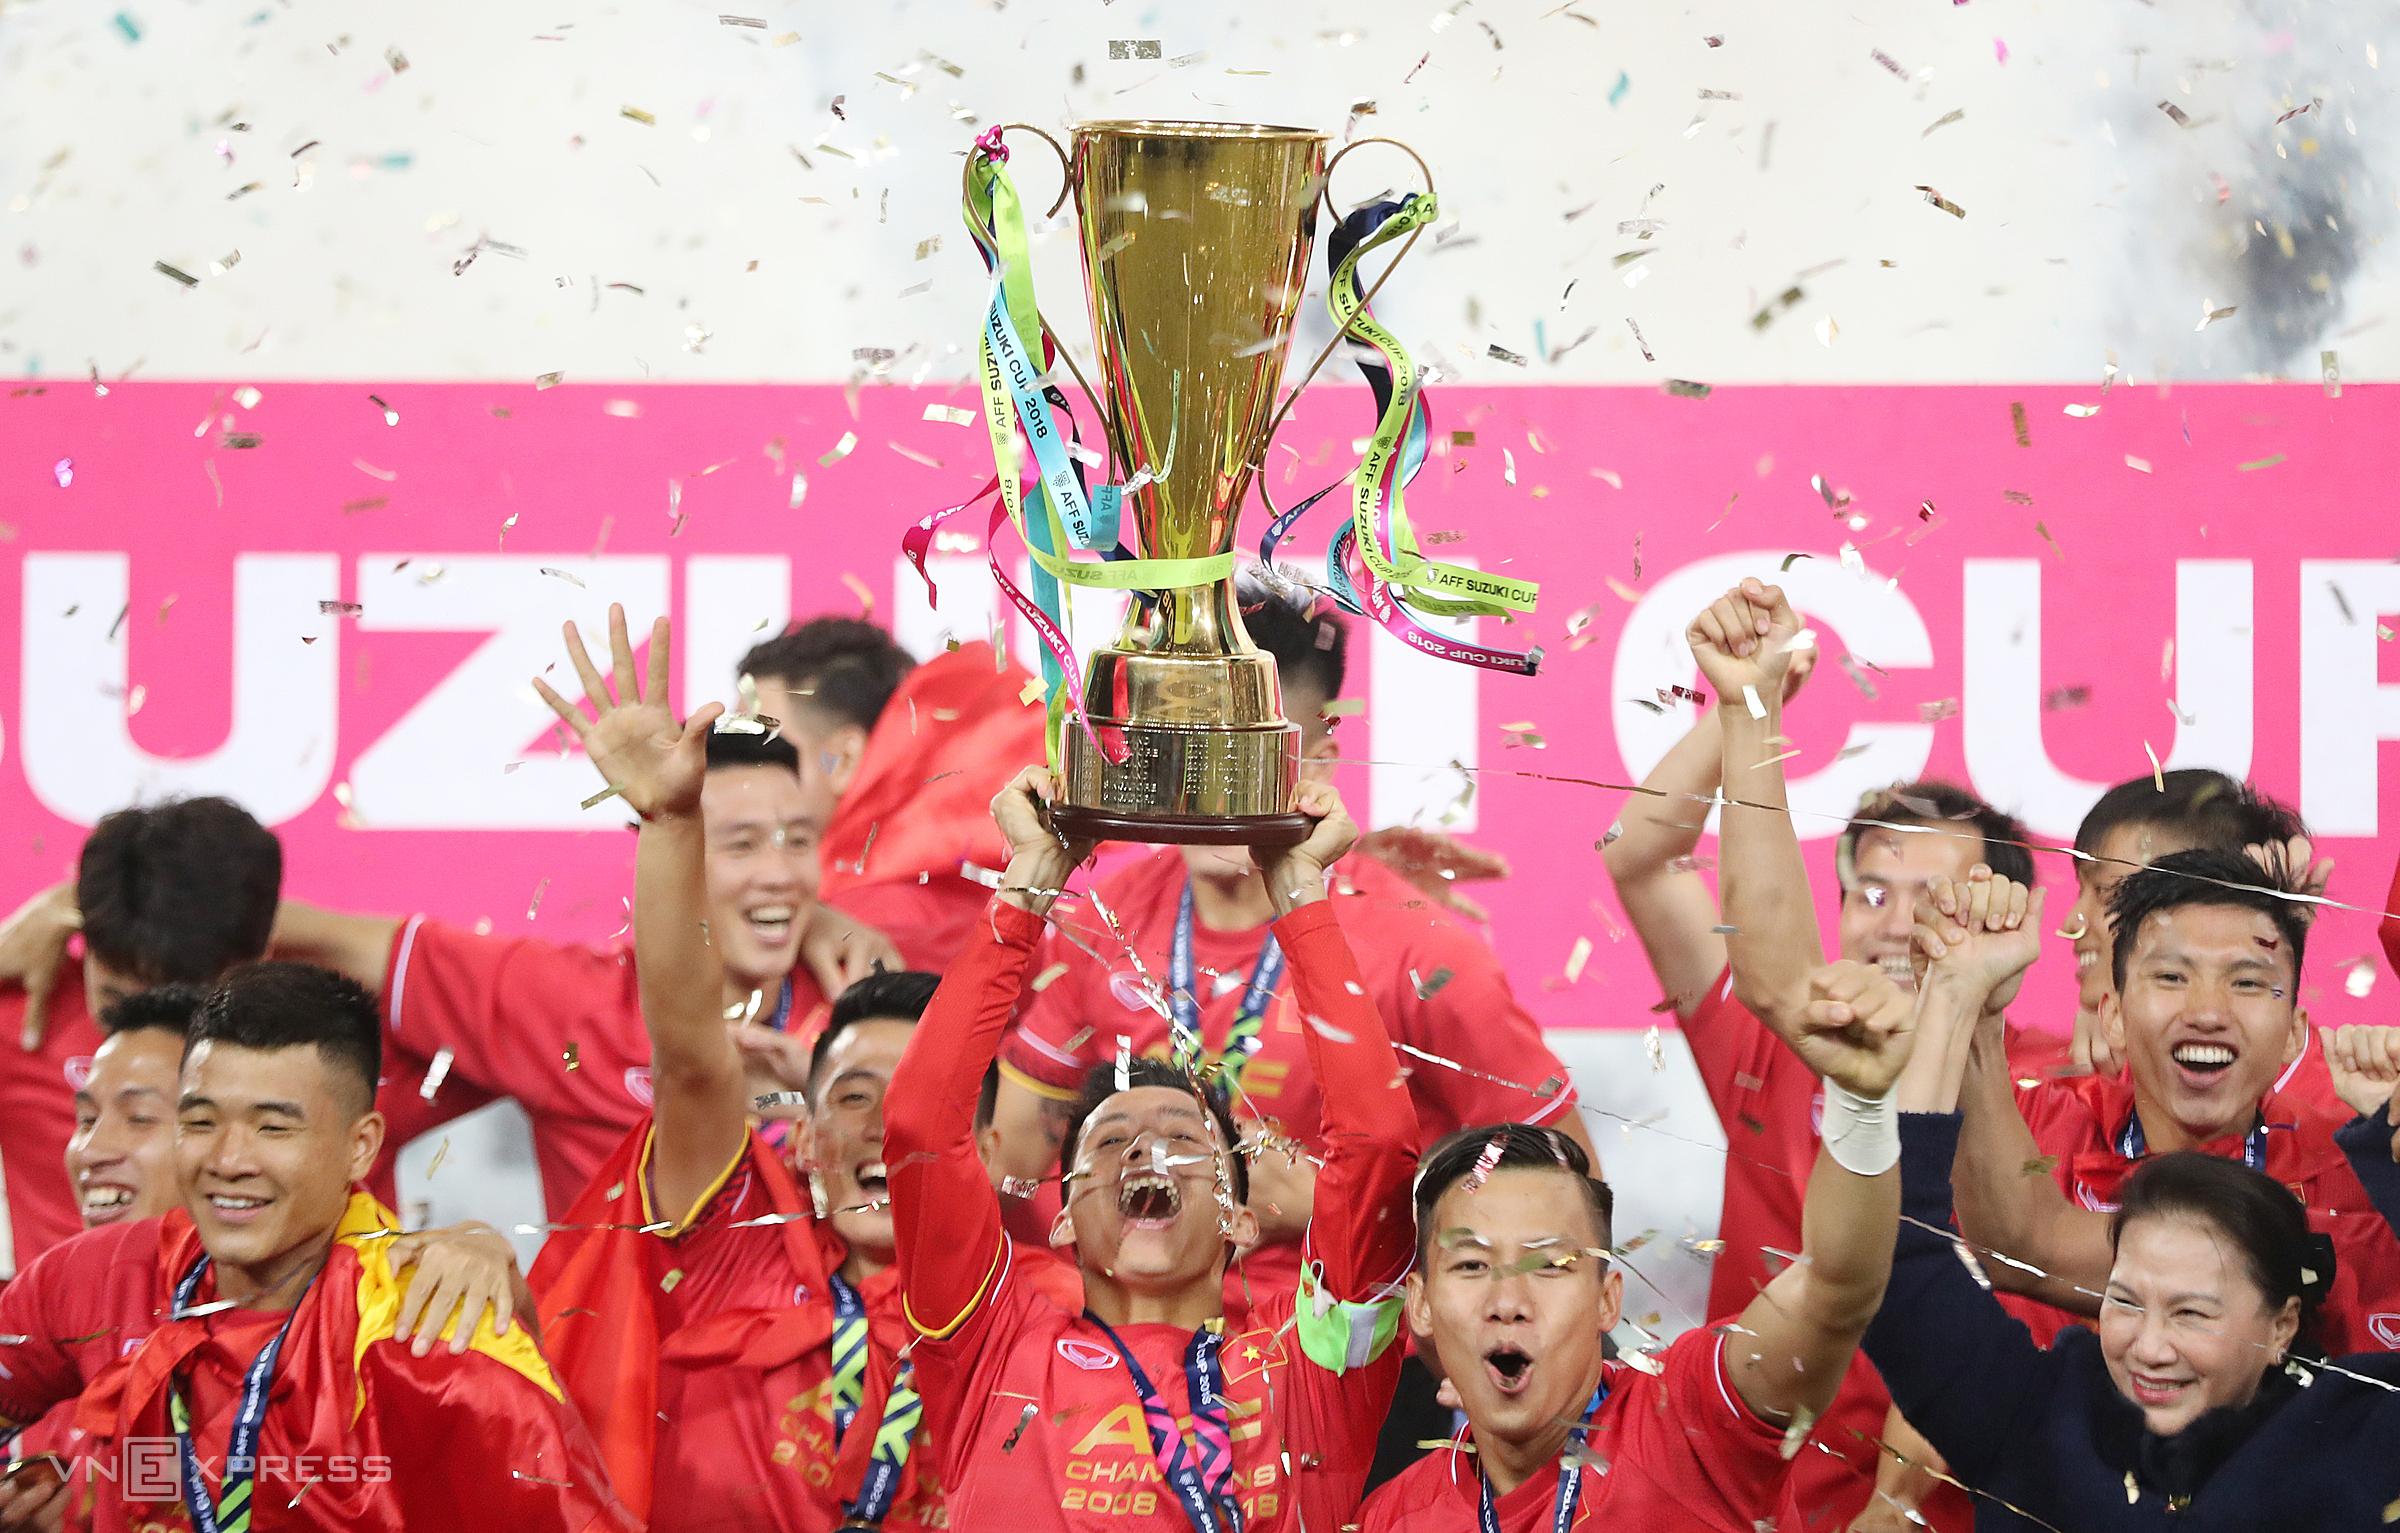 """หากไทยเป็นเจ้าภาพ AFF Cup 2020 เวียดนามจะสูญเสียความได้เปรียบในสนามเพื่อรักษาแชมป์  ภาพถ่าย: """"Duc Dong."""